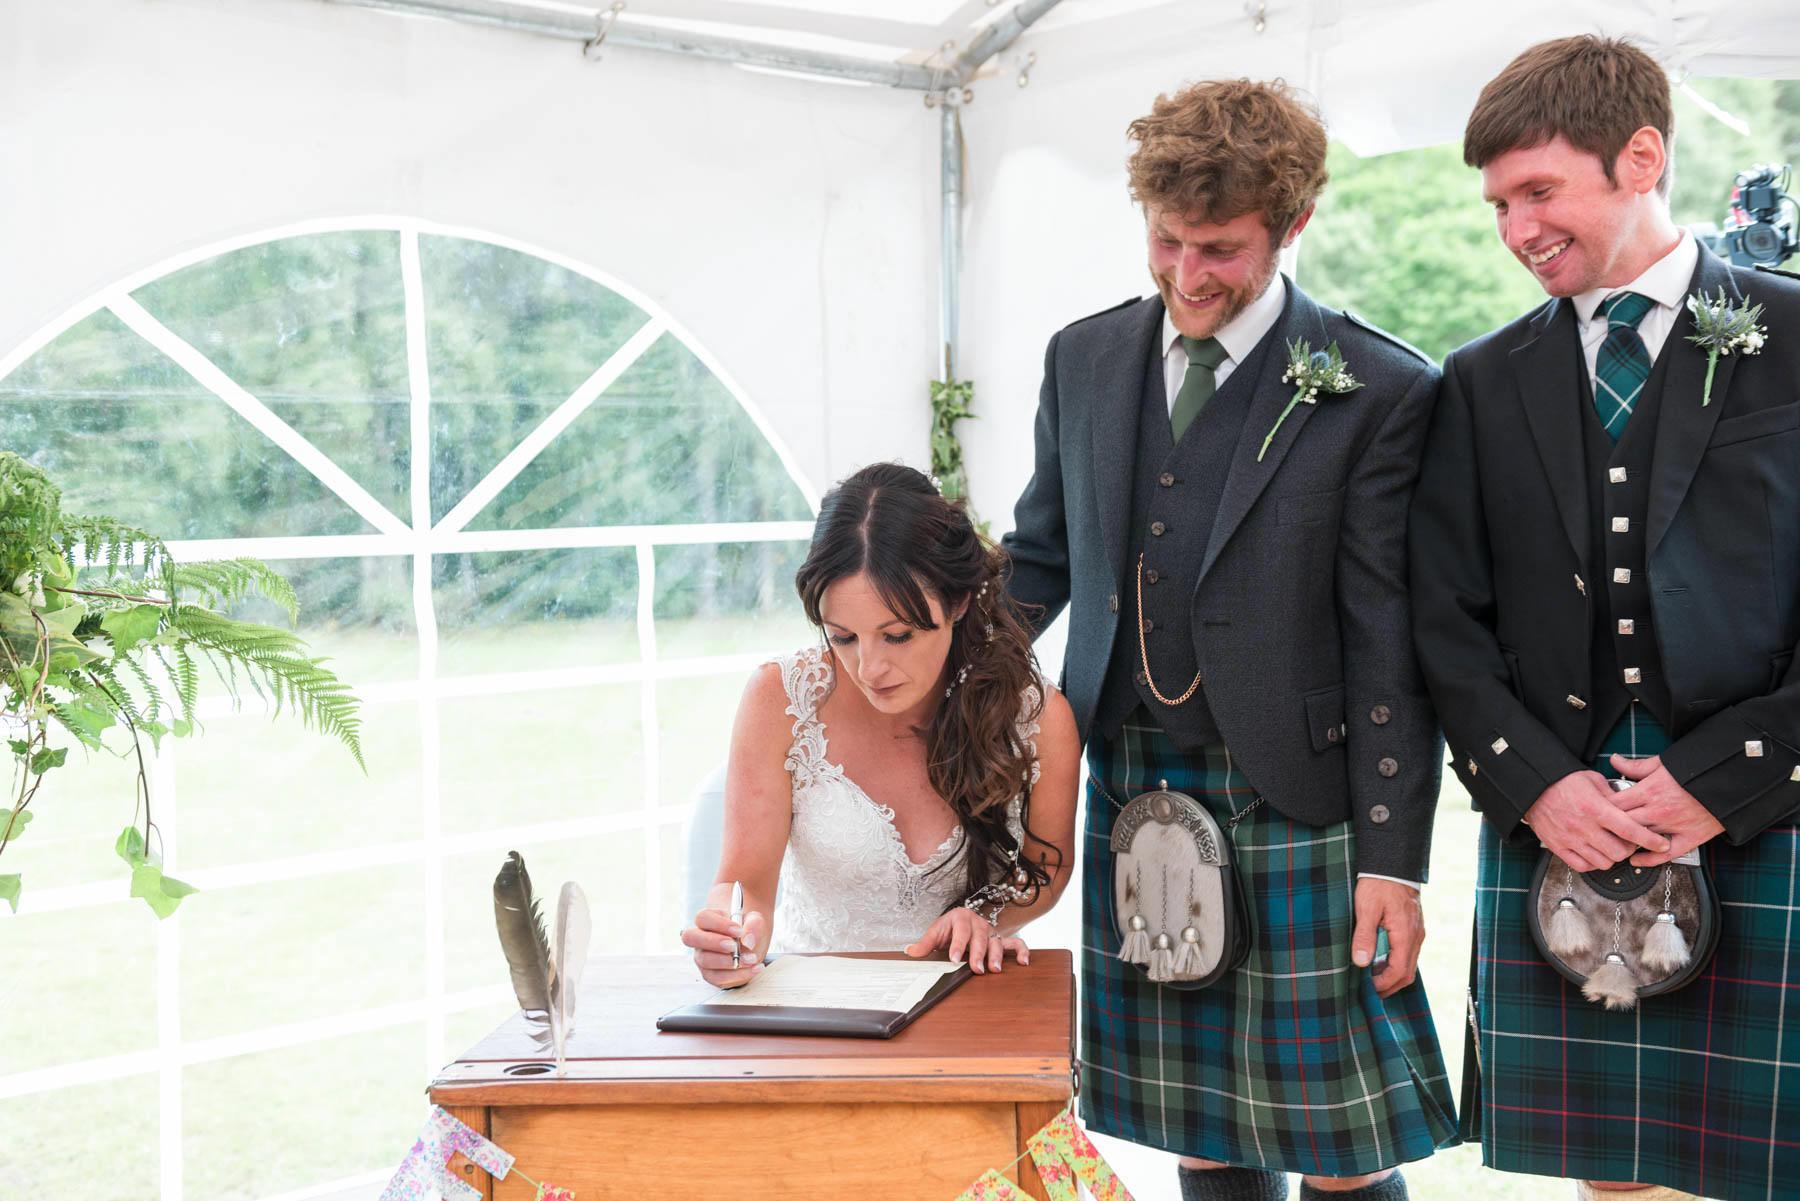 TFArden_wedding_051.jpg